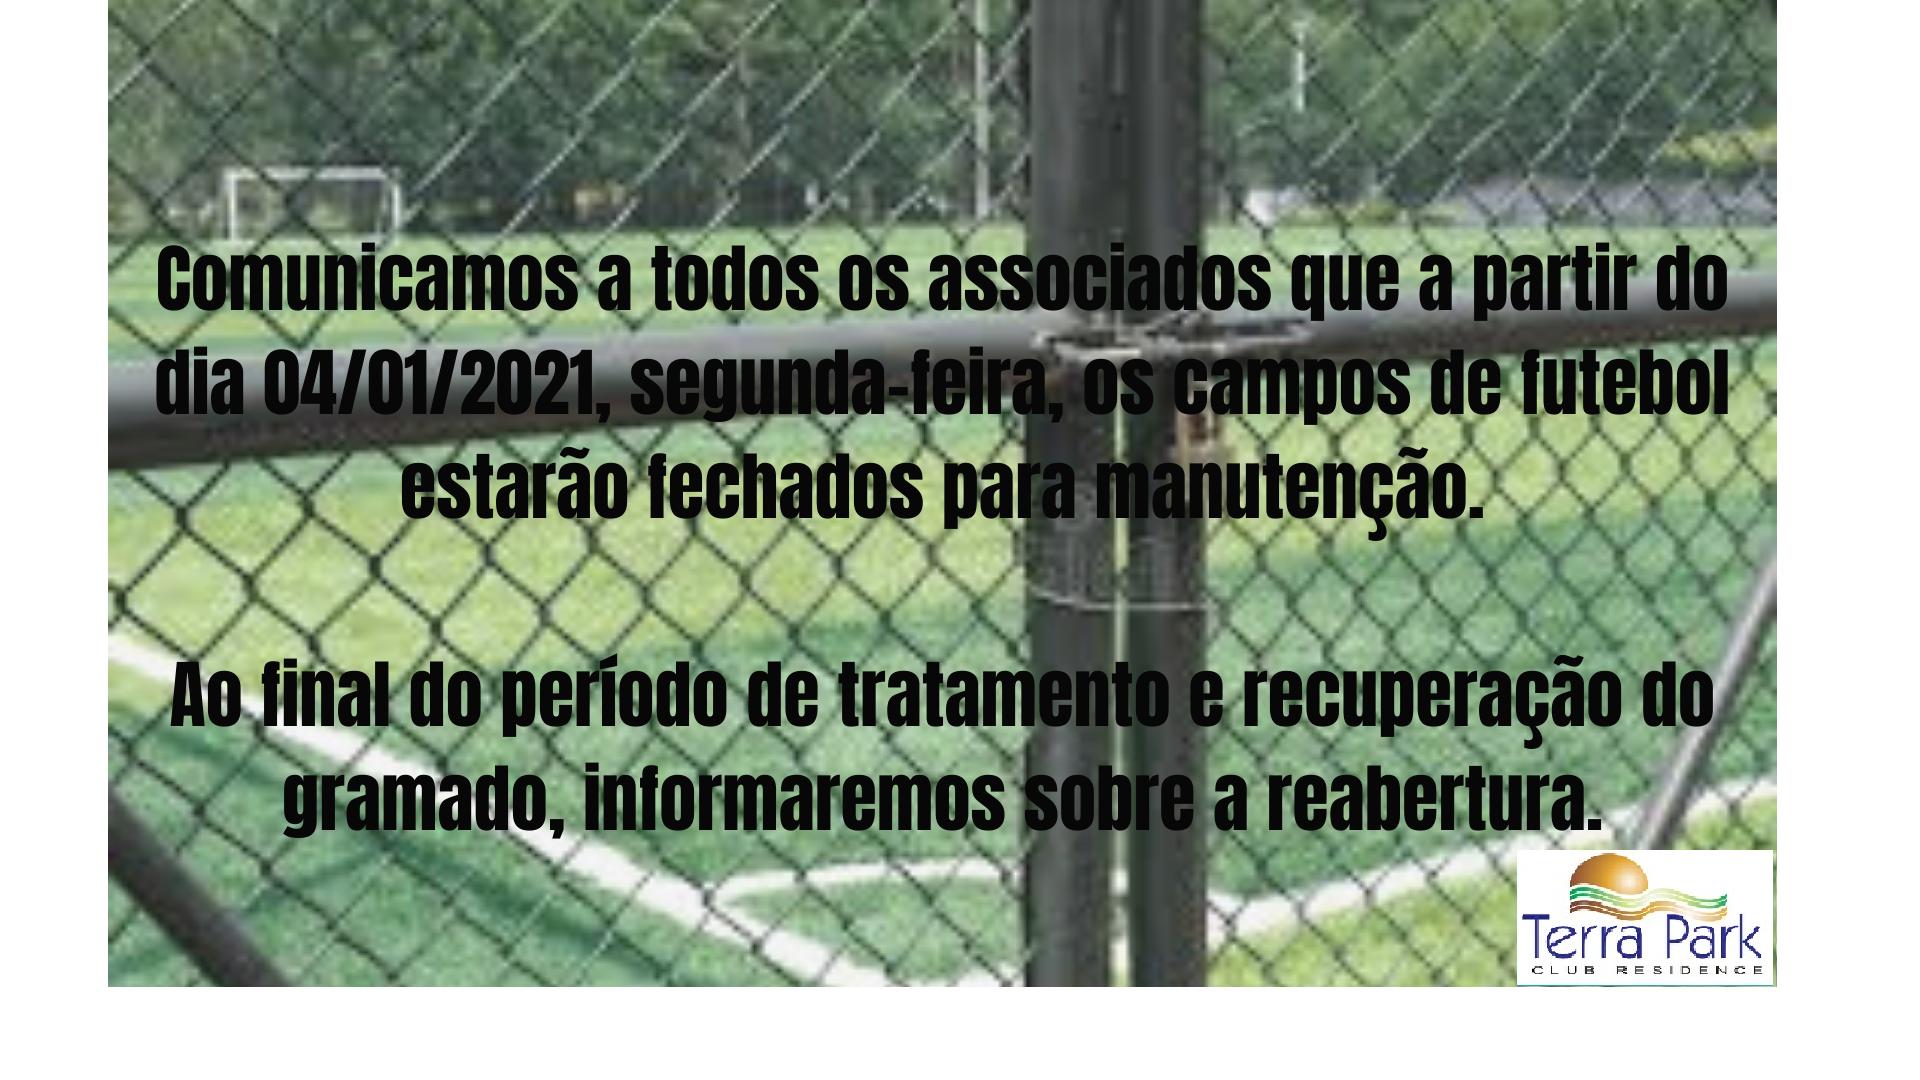 Campos de futebol fechados para manutenção.